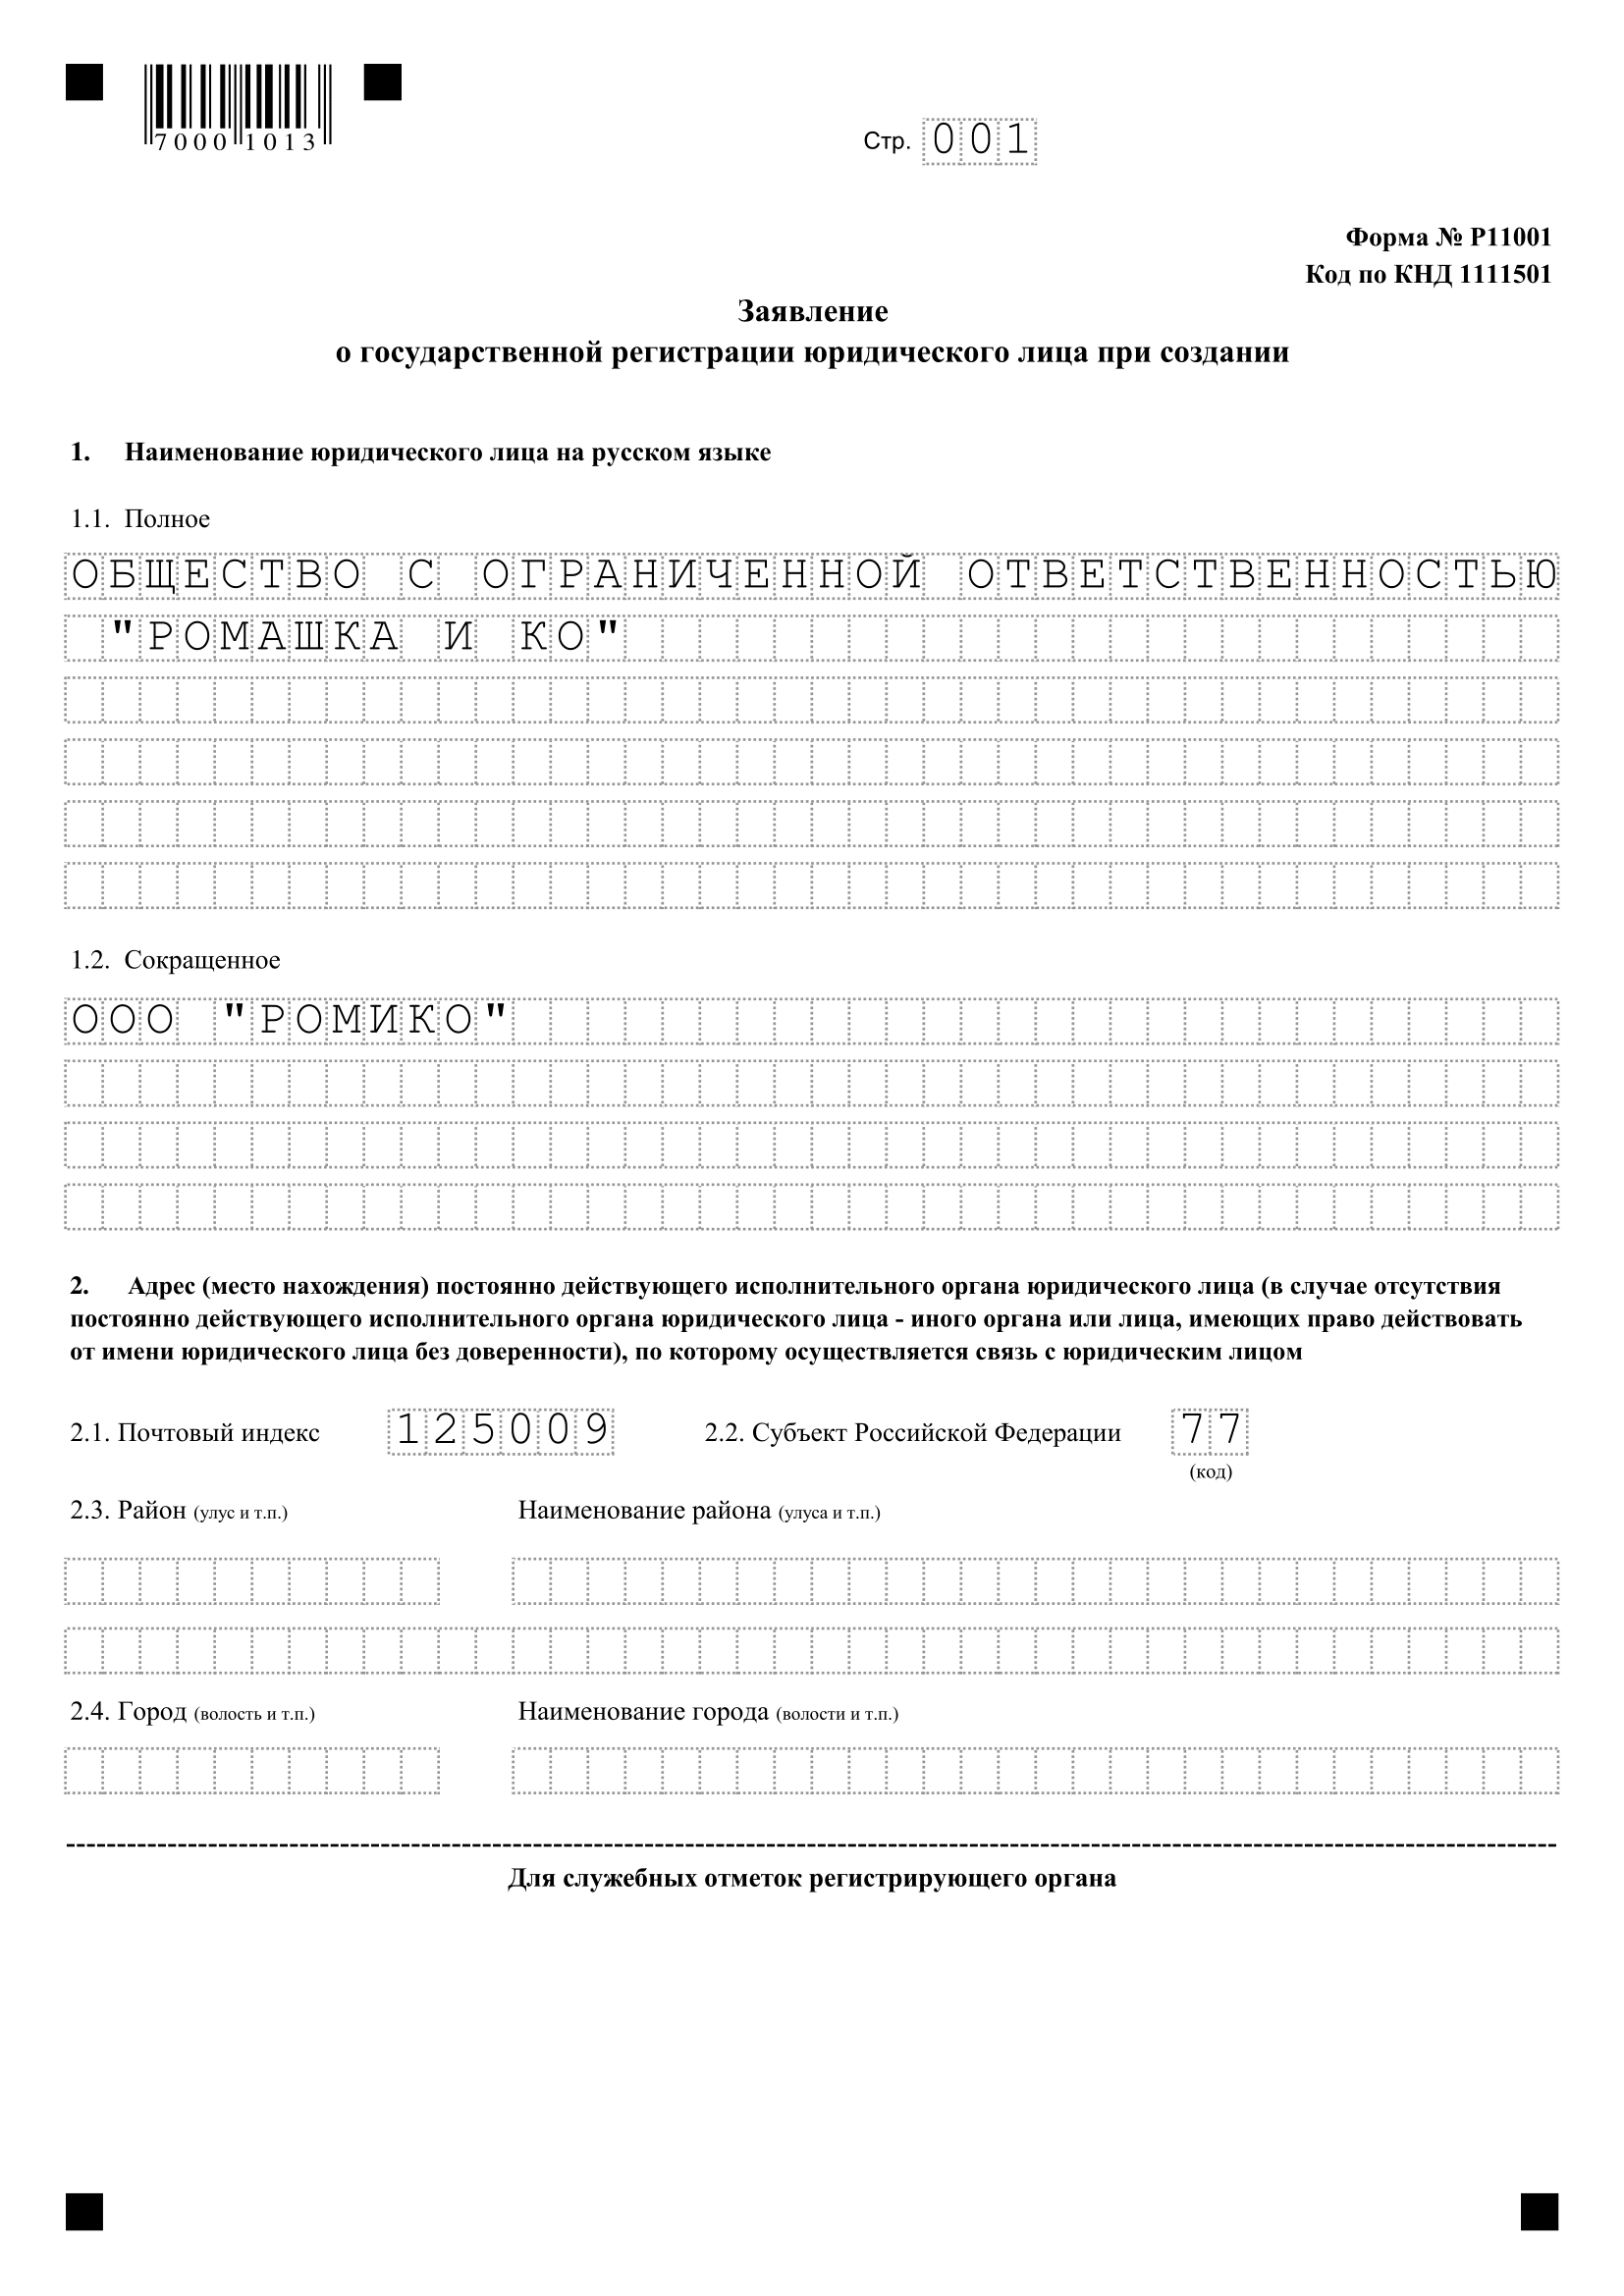 Форма р11001 образец заполнения 2018 скачать